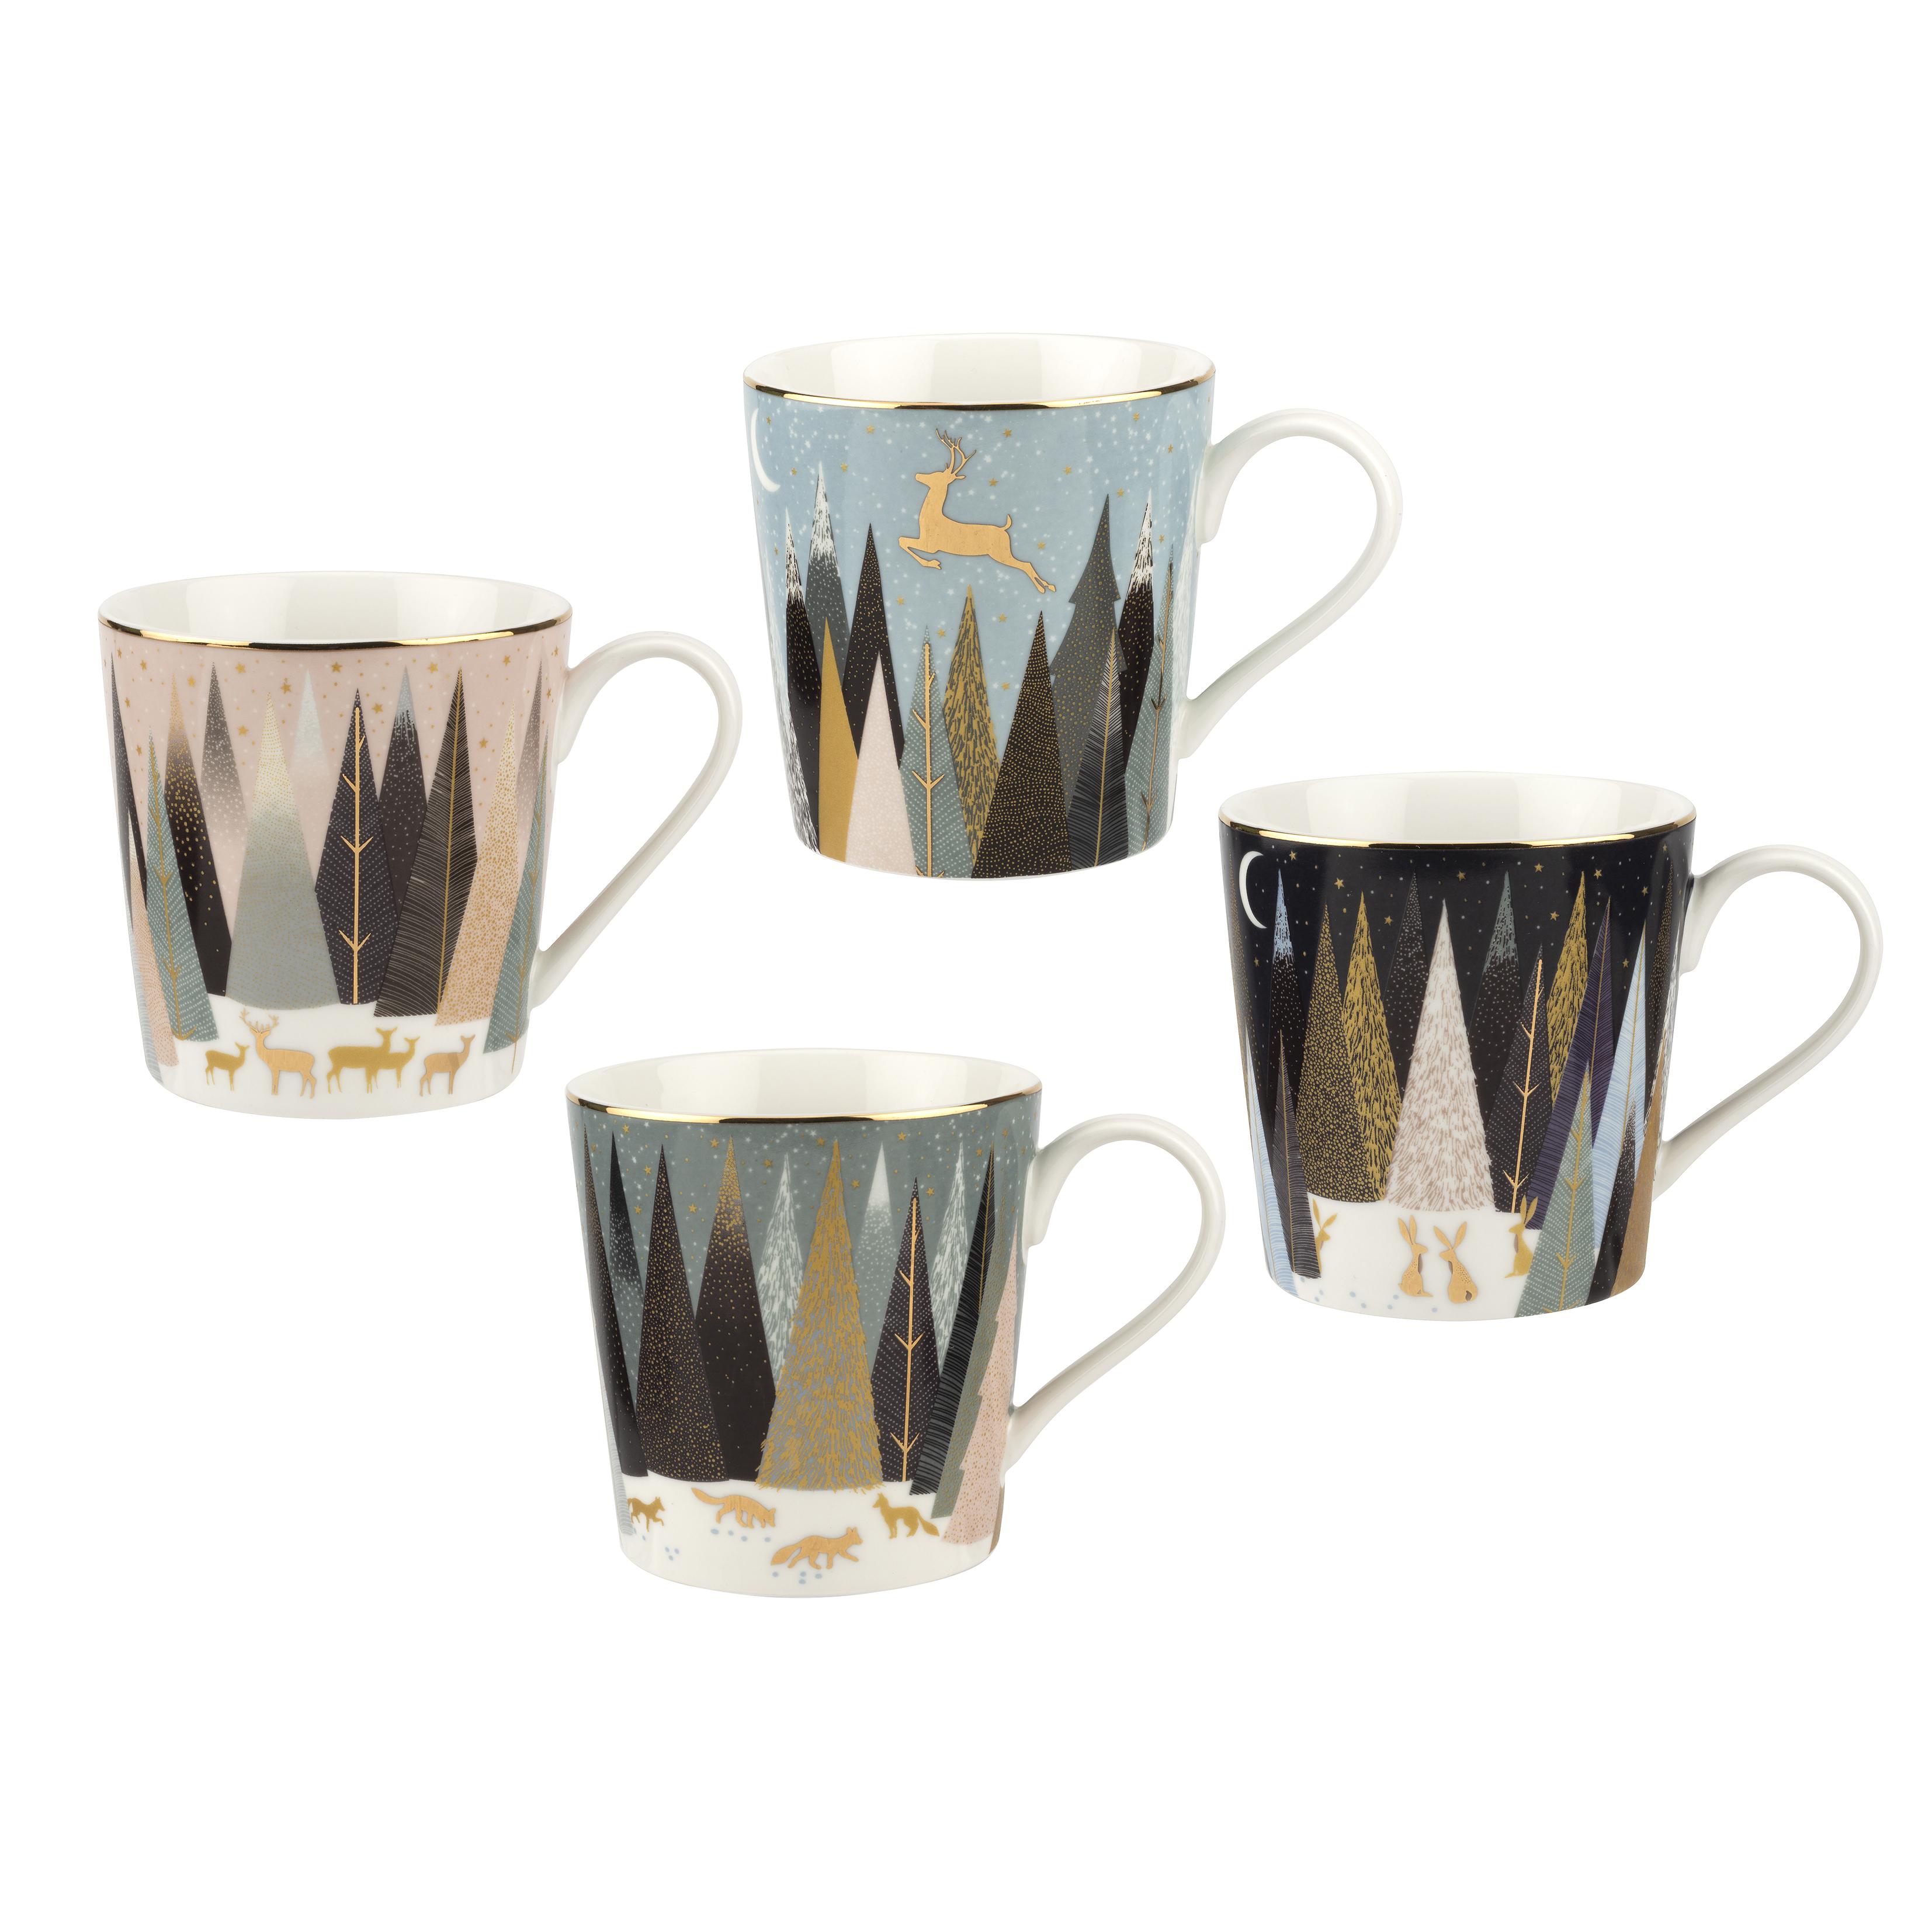 포트메리온 '사라 밀러 런던 프로스티드 파인즈' 머그 4개 세트 Sara Miller London for Portmeirion Frosted Pines Set of 4 Mugs 12 oz